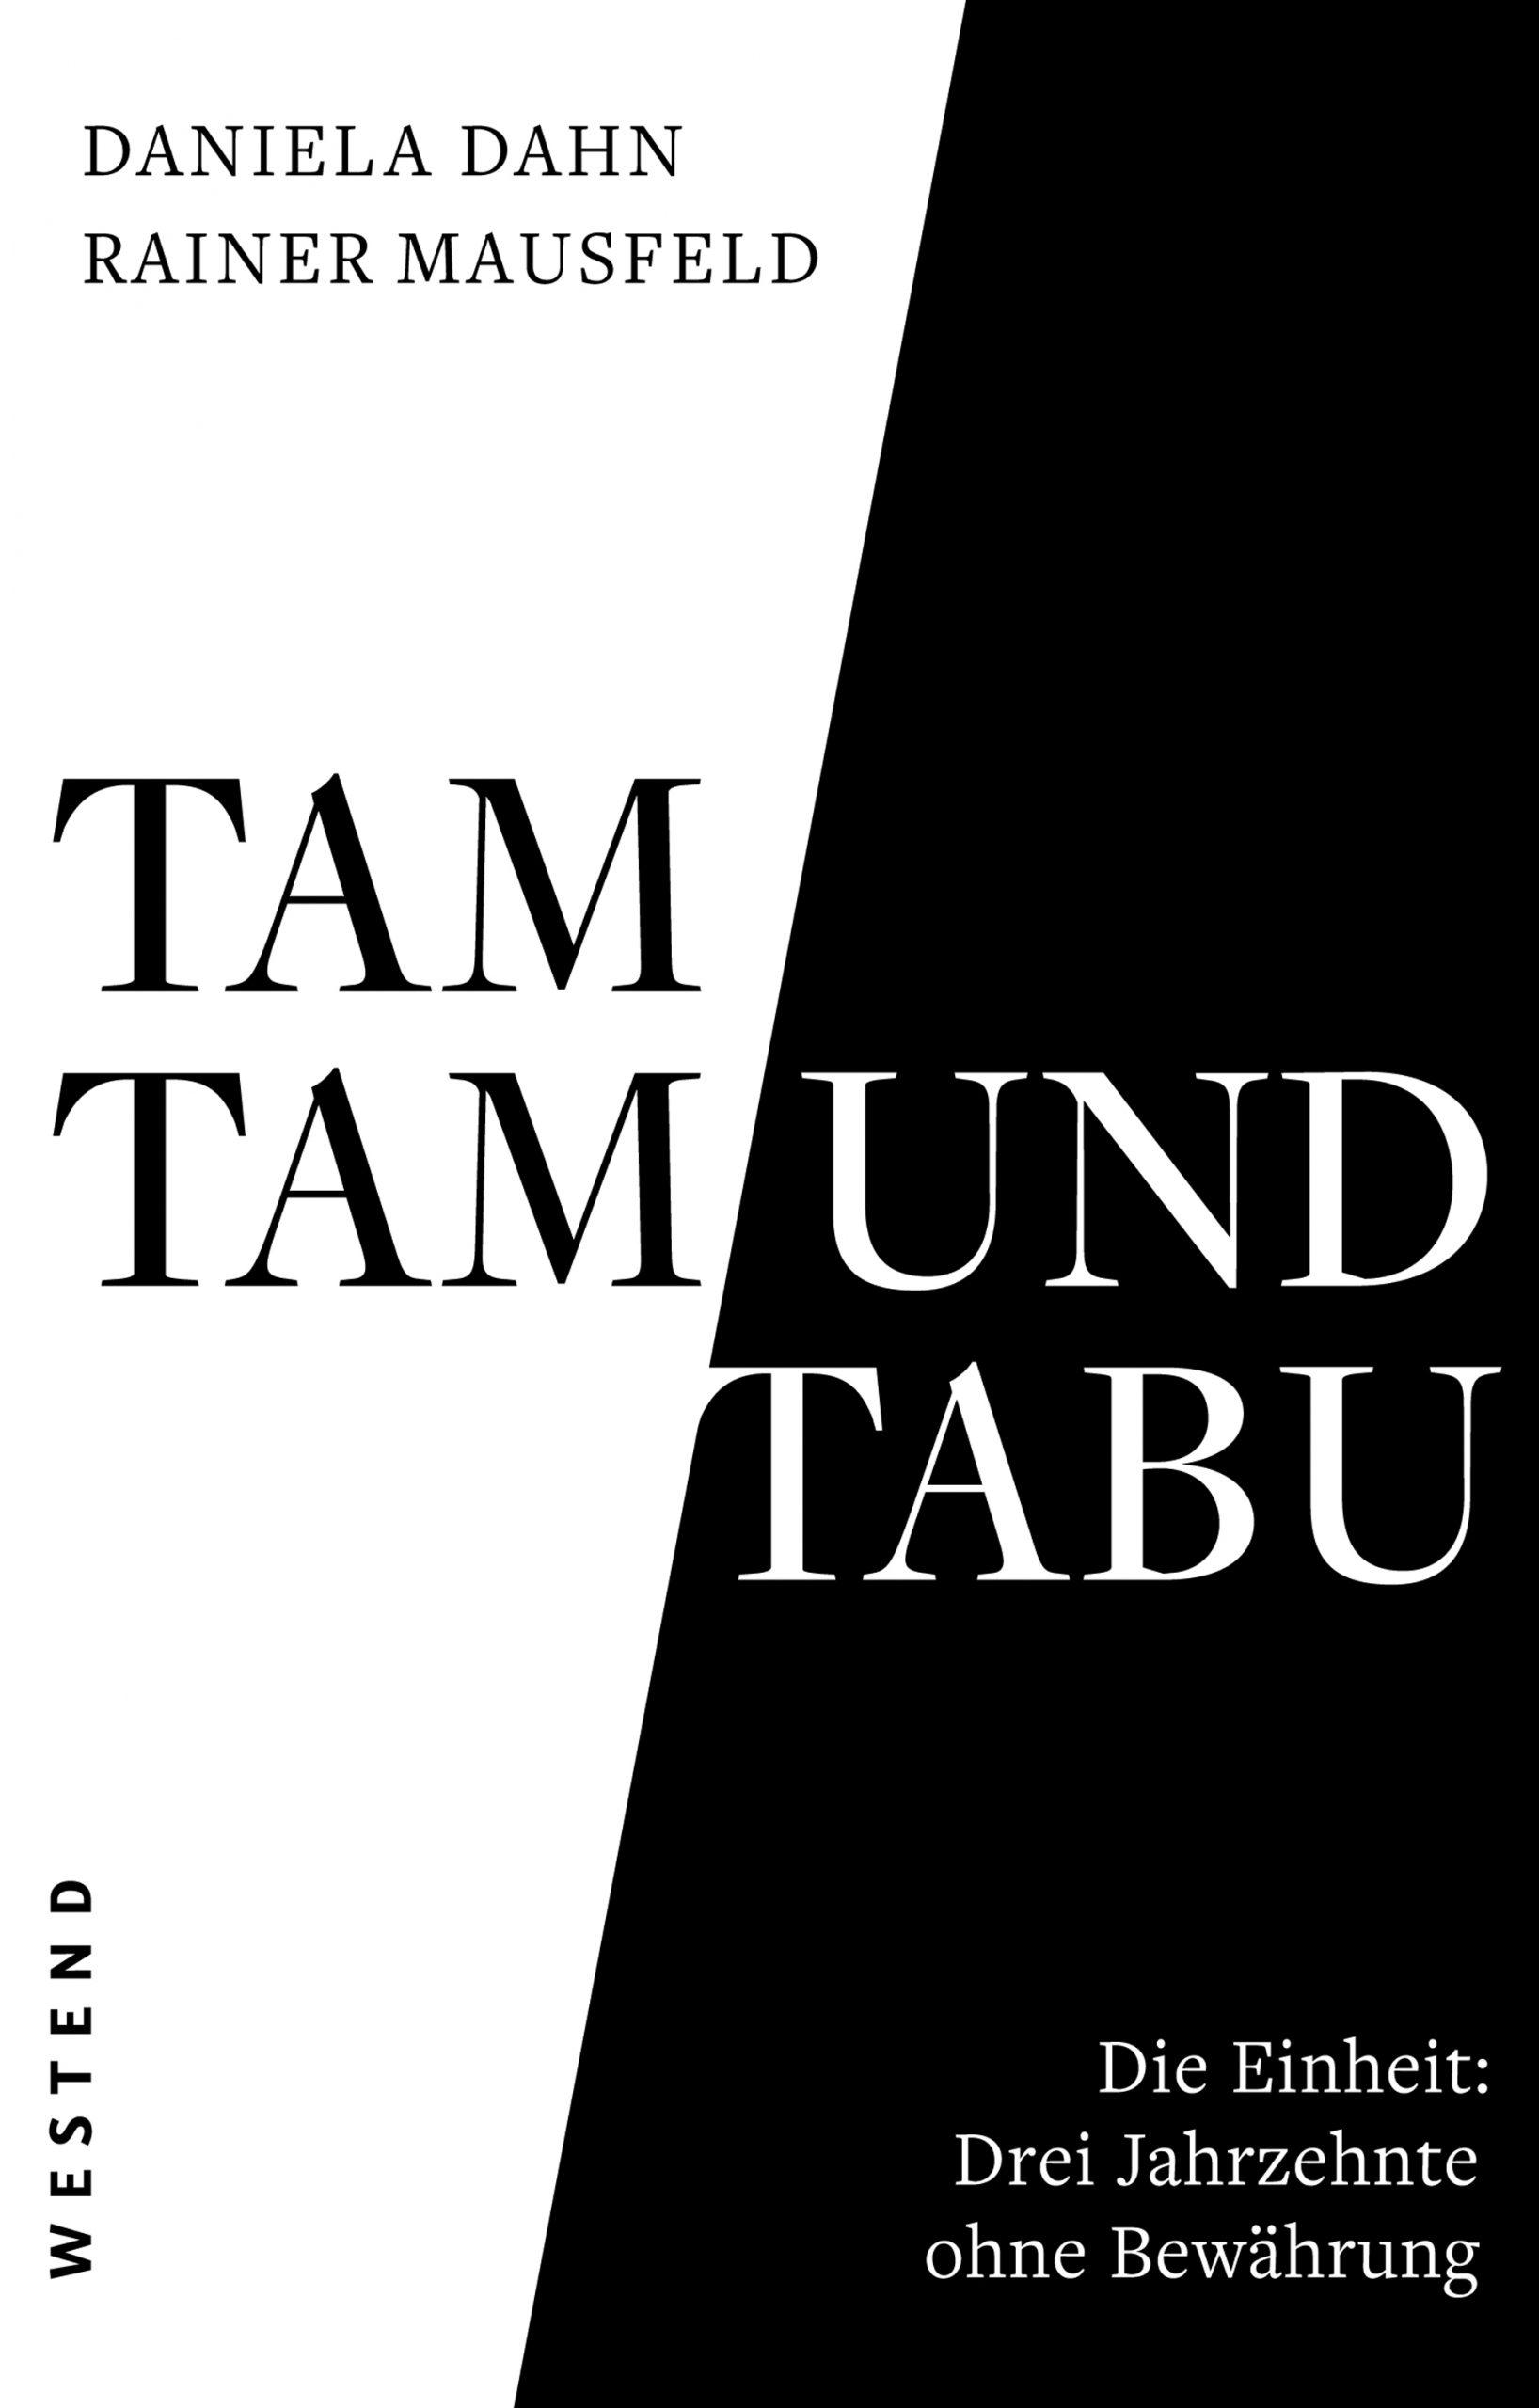 Buchcover Dahn / Mausfeld